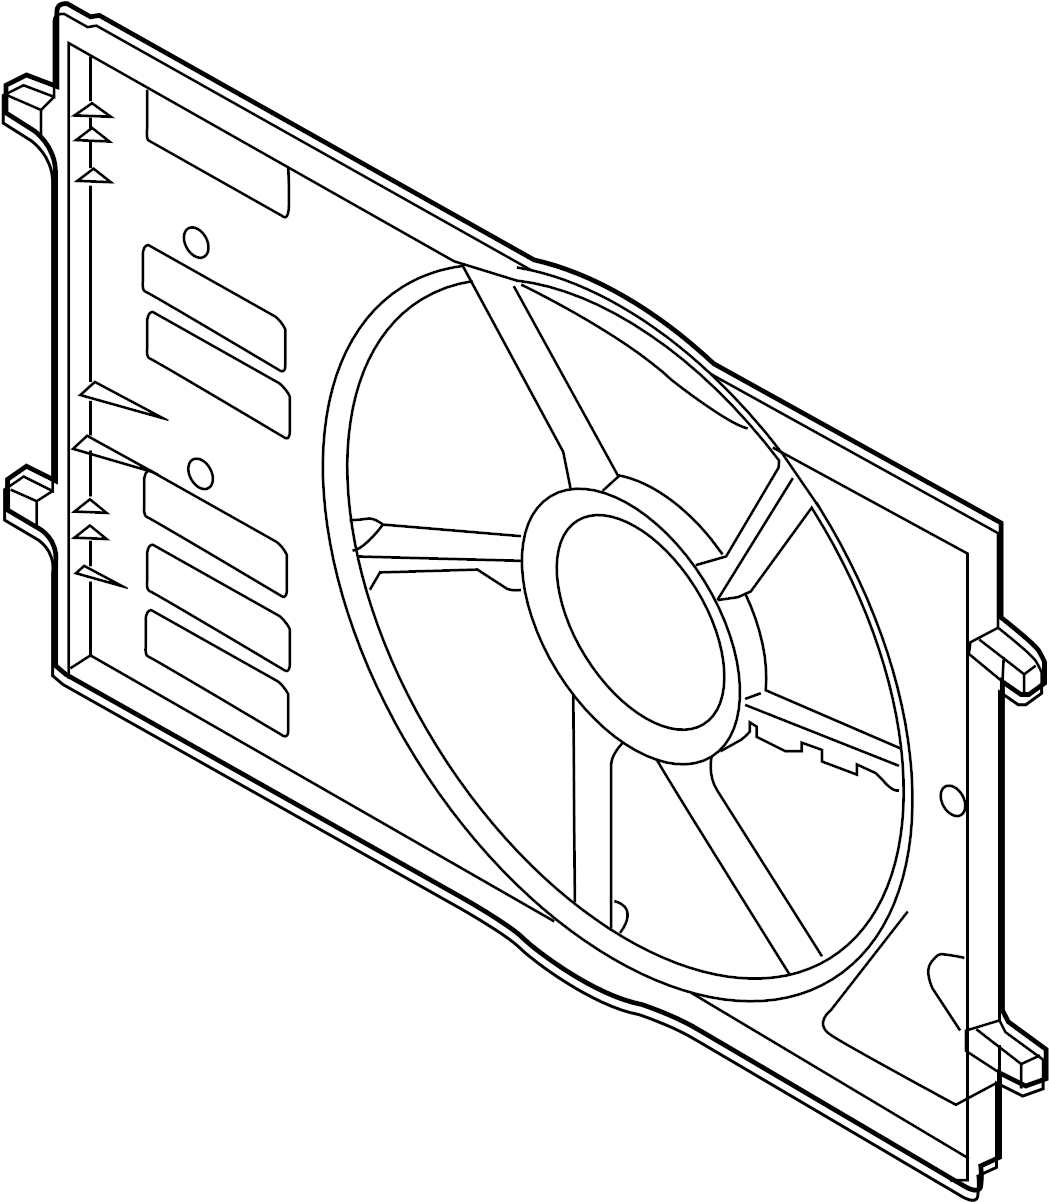 Volkswagen Golf Engine Cooling Fan Shroud Front